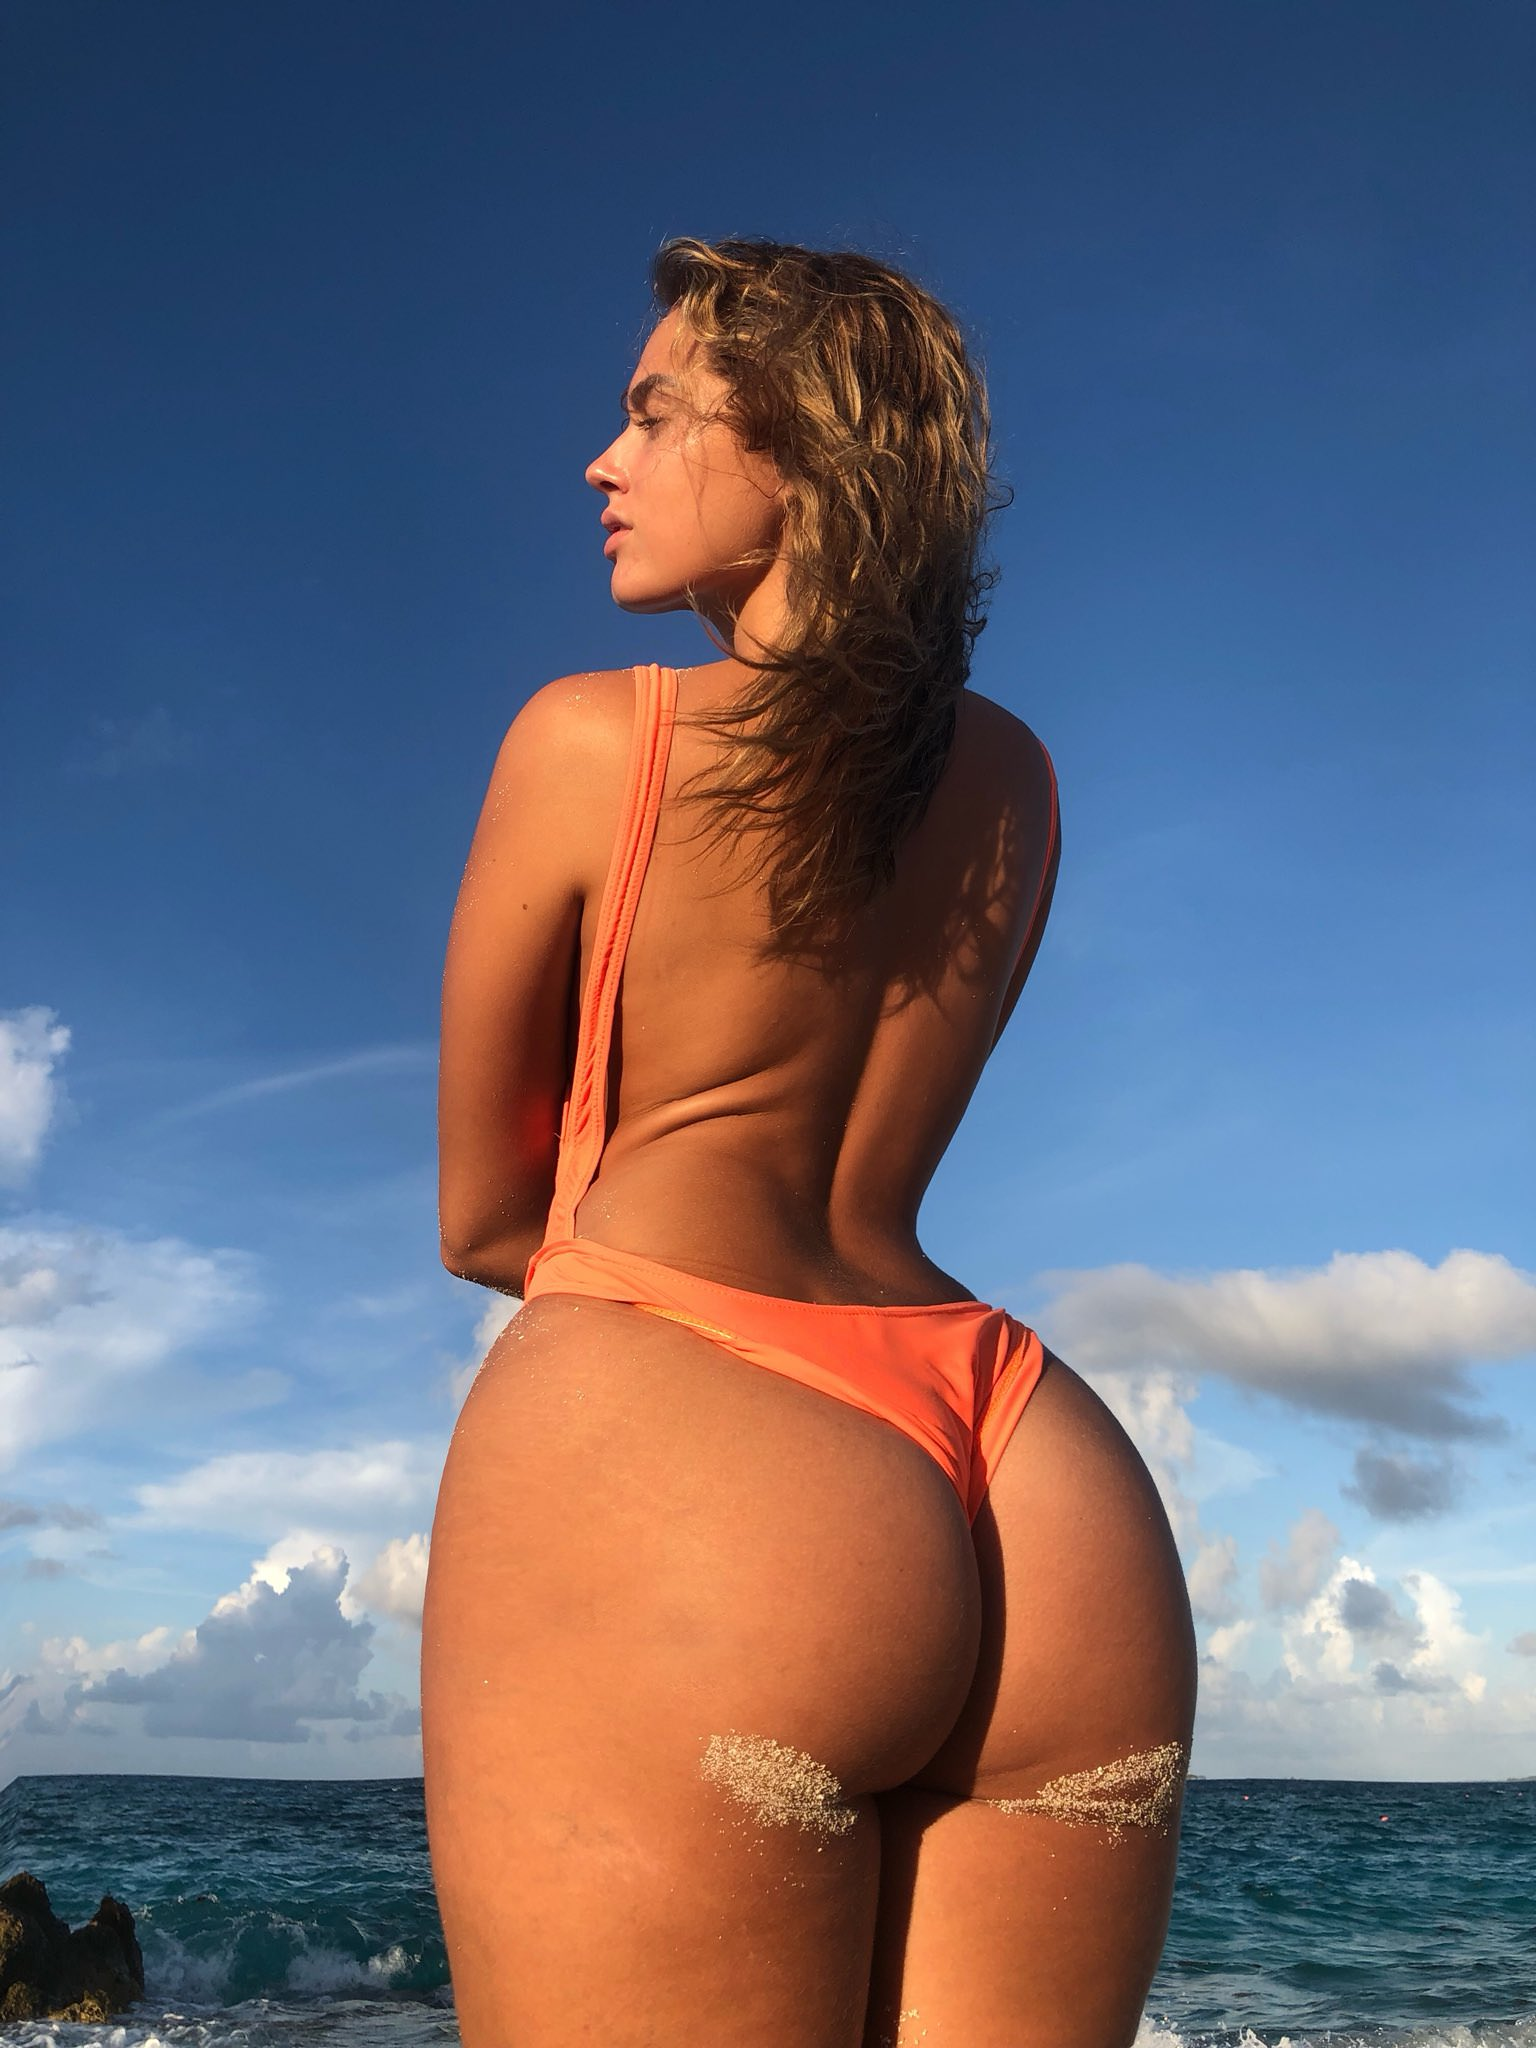 Porn athena palomino Athena Palomino